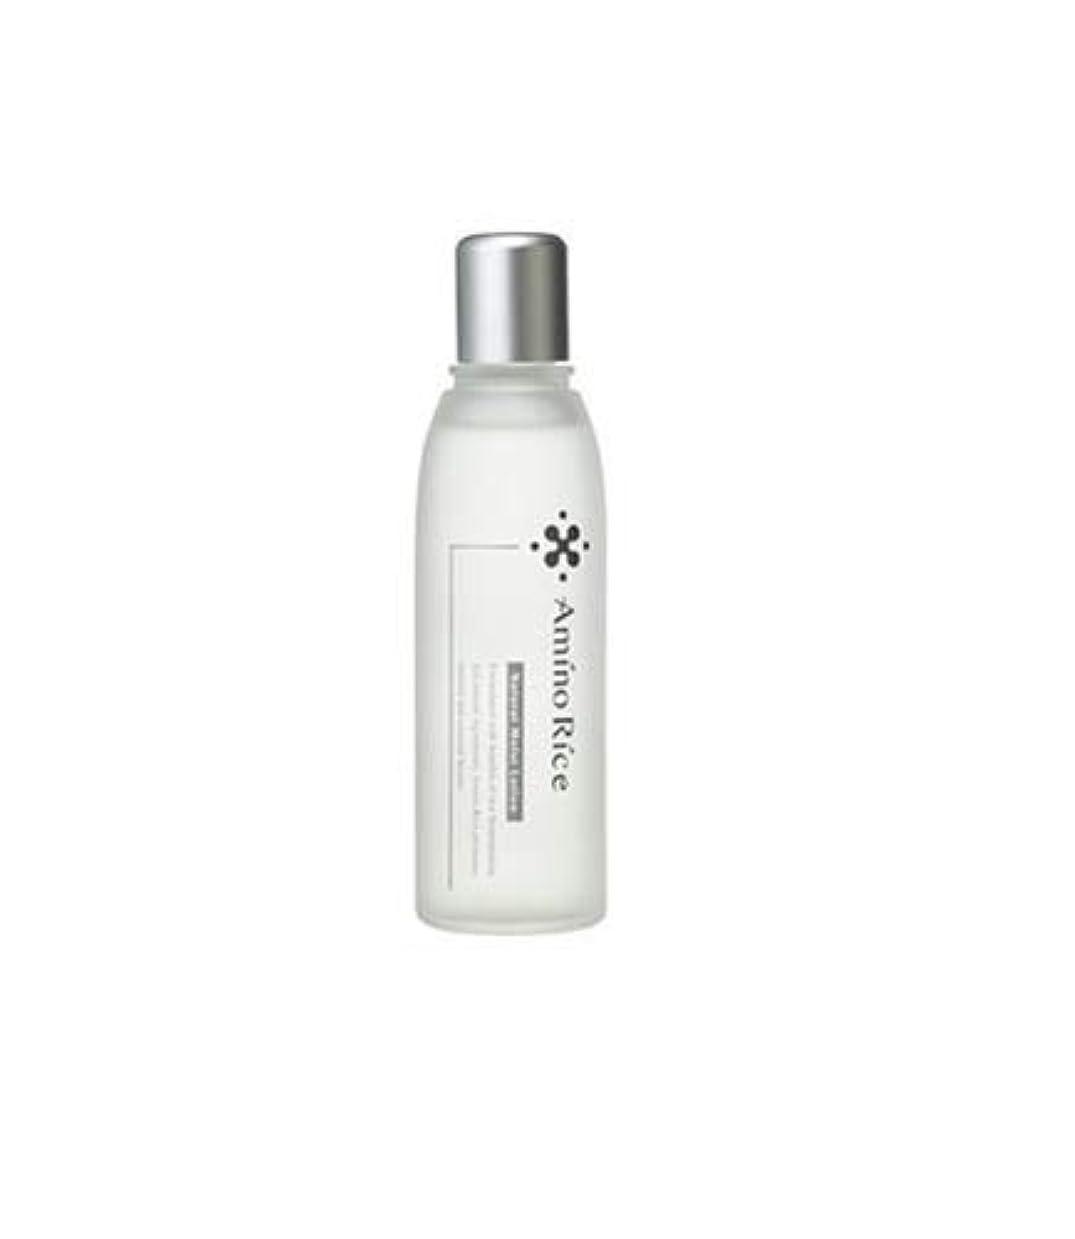 アミノリセ モイストローション (化粧水 120mL) 天然 アミノ酸 (酒蔵の発酵コスメ)